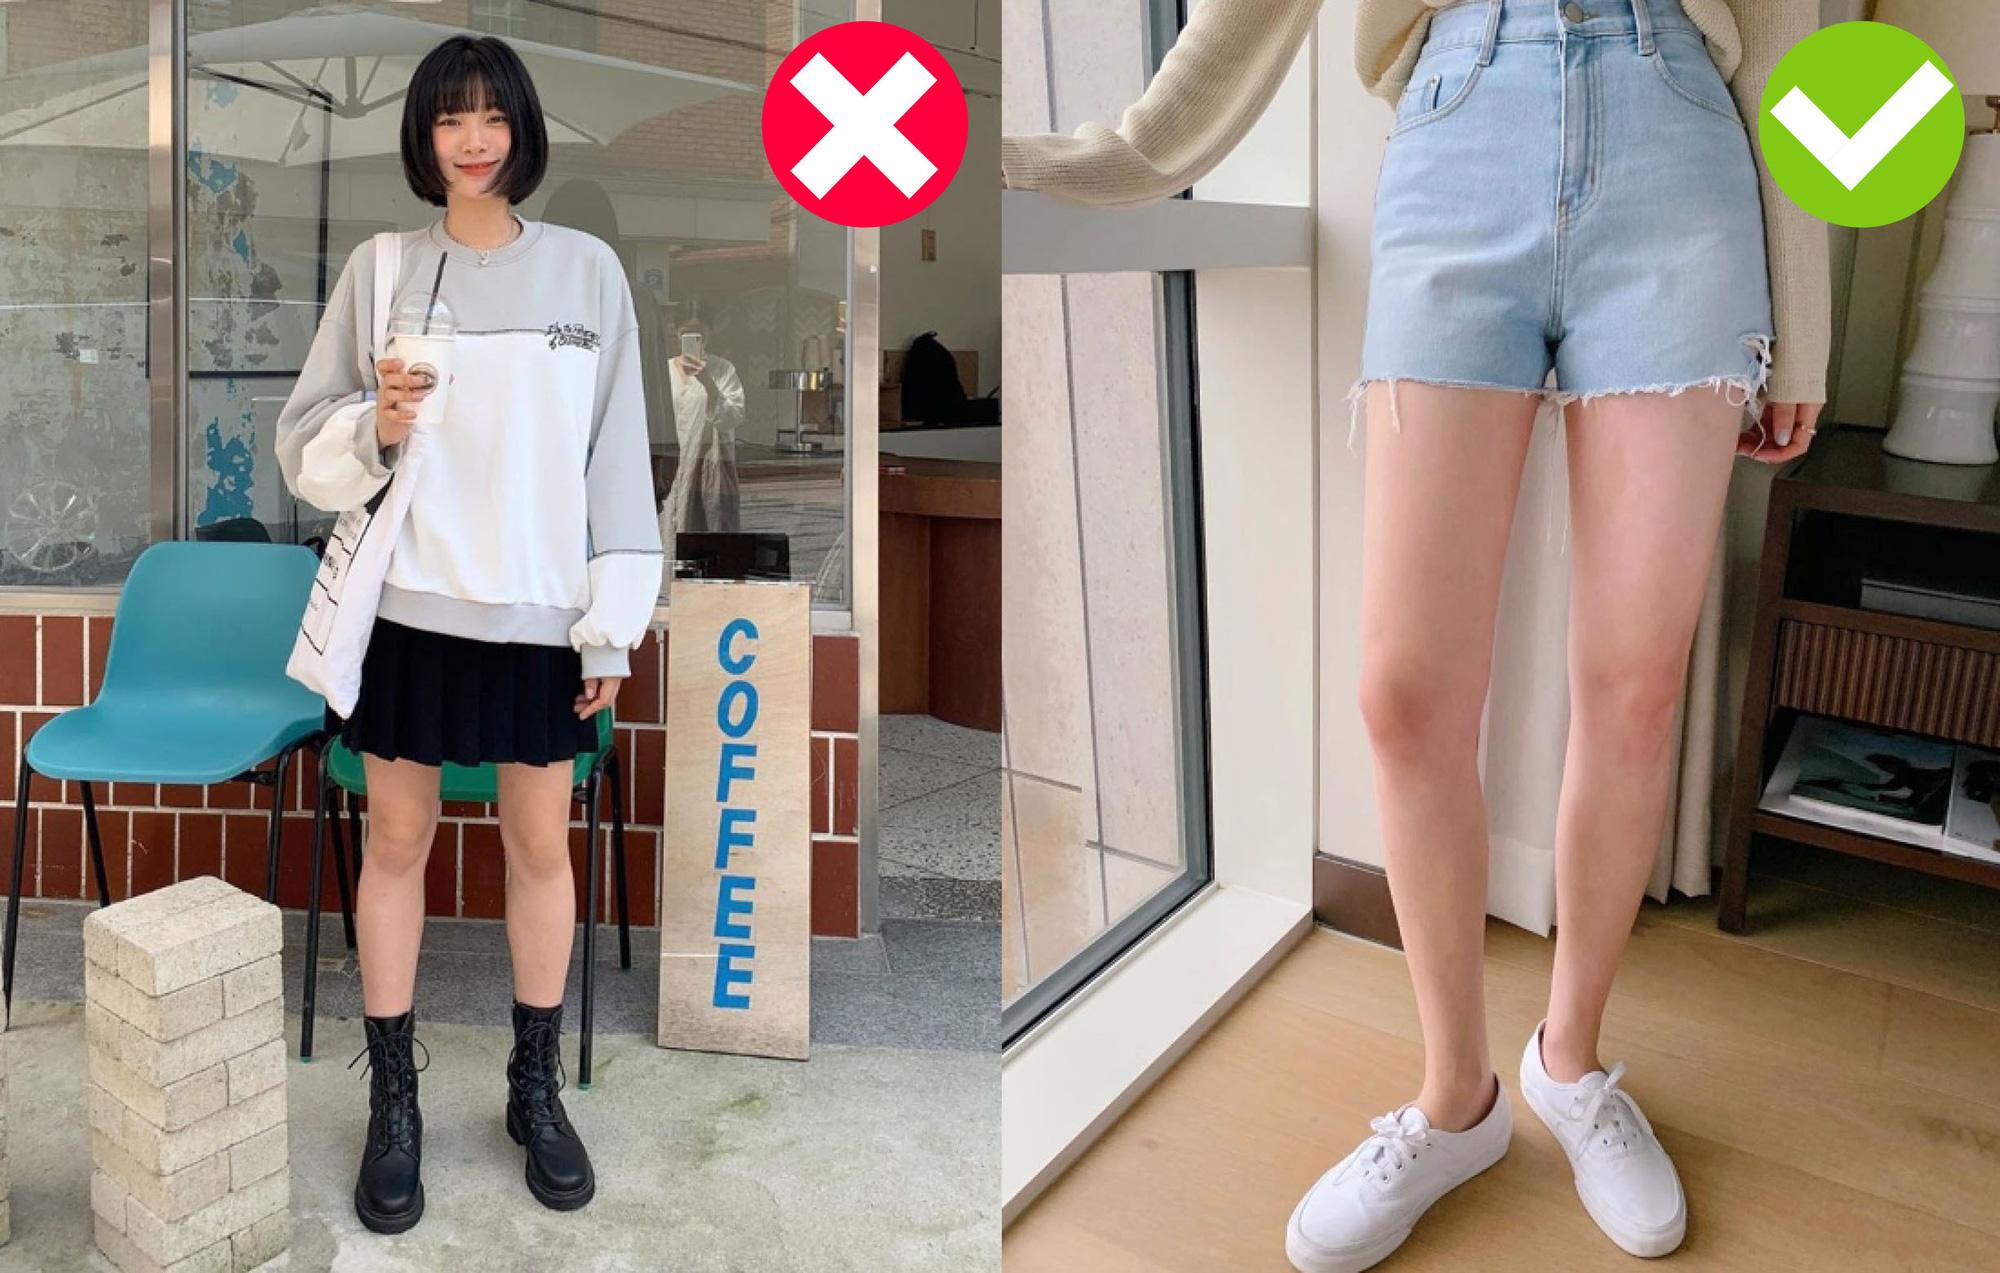 Có 4 cách chọn giày để bạn trông cao ráo, bắp chân to hóa thon gọn: Hay nhất là chiêu chọn tất chẳng ai ngờ đến - Ảnh 3.